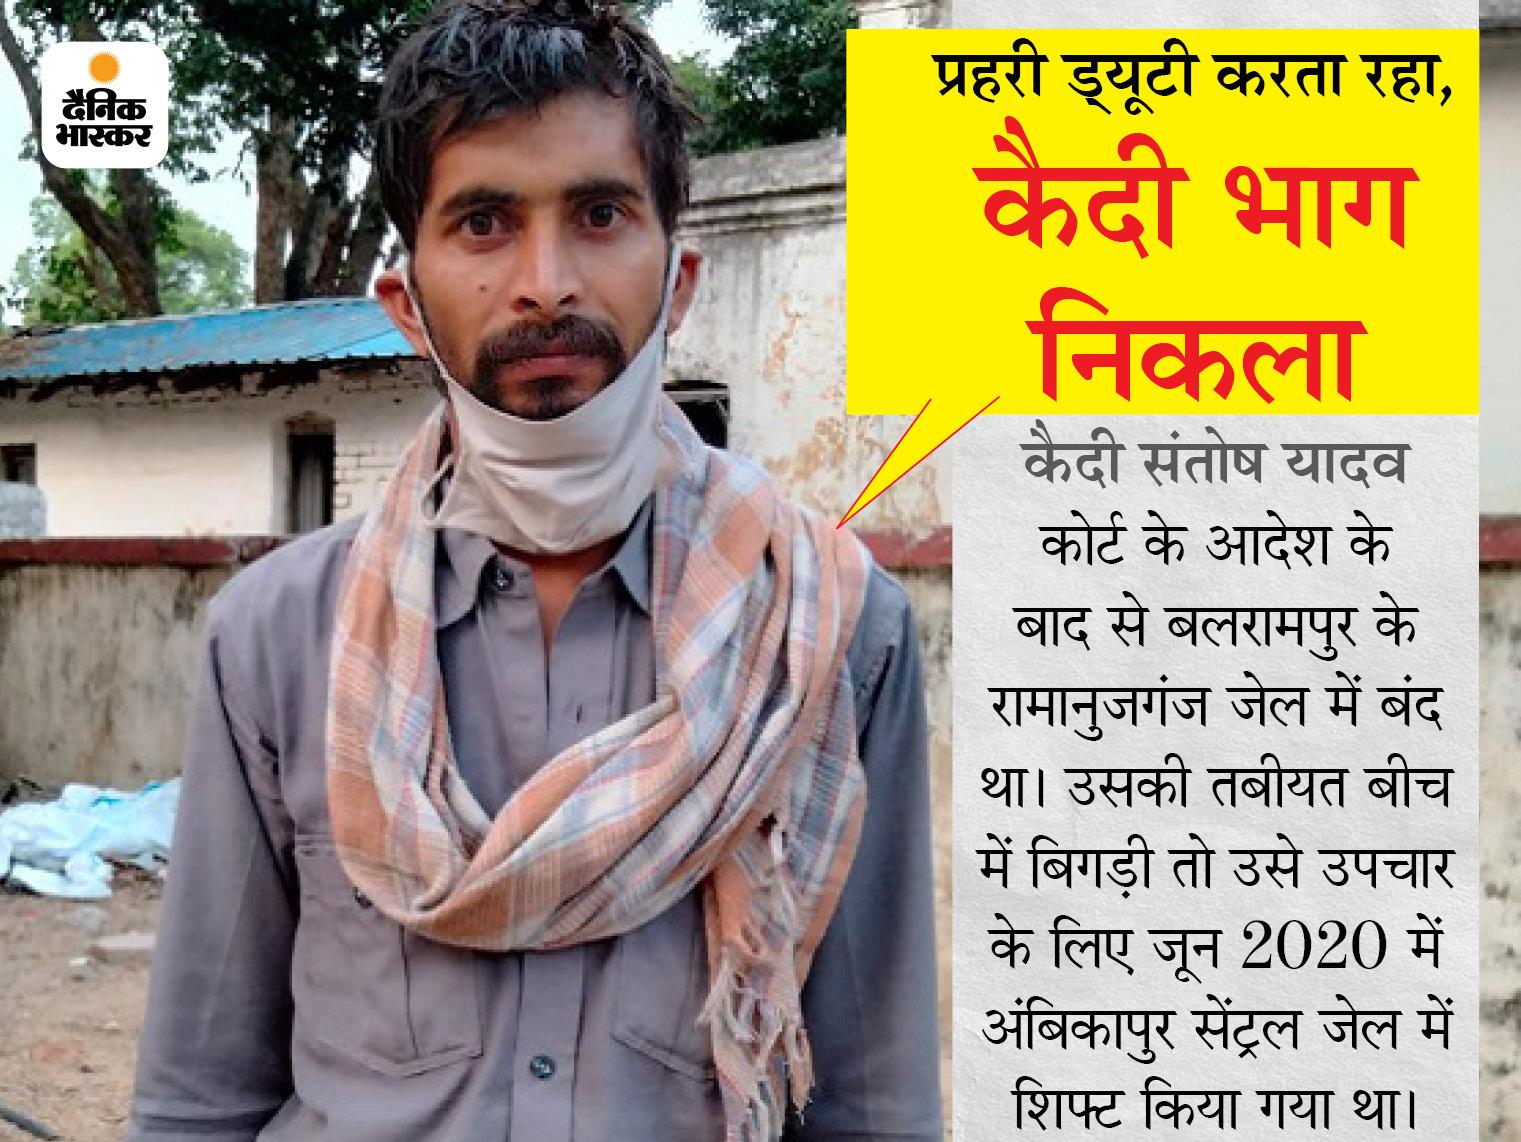 कोरोना संक्रमित मिलने पर 5 दिन पहले कराया गया था भर्ती, ड्यूटी पर तैनात प्रहरी सस्पेंड|छत्तीसगढ़,Chhattisgarh - Dainik Bhaskar